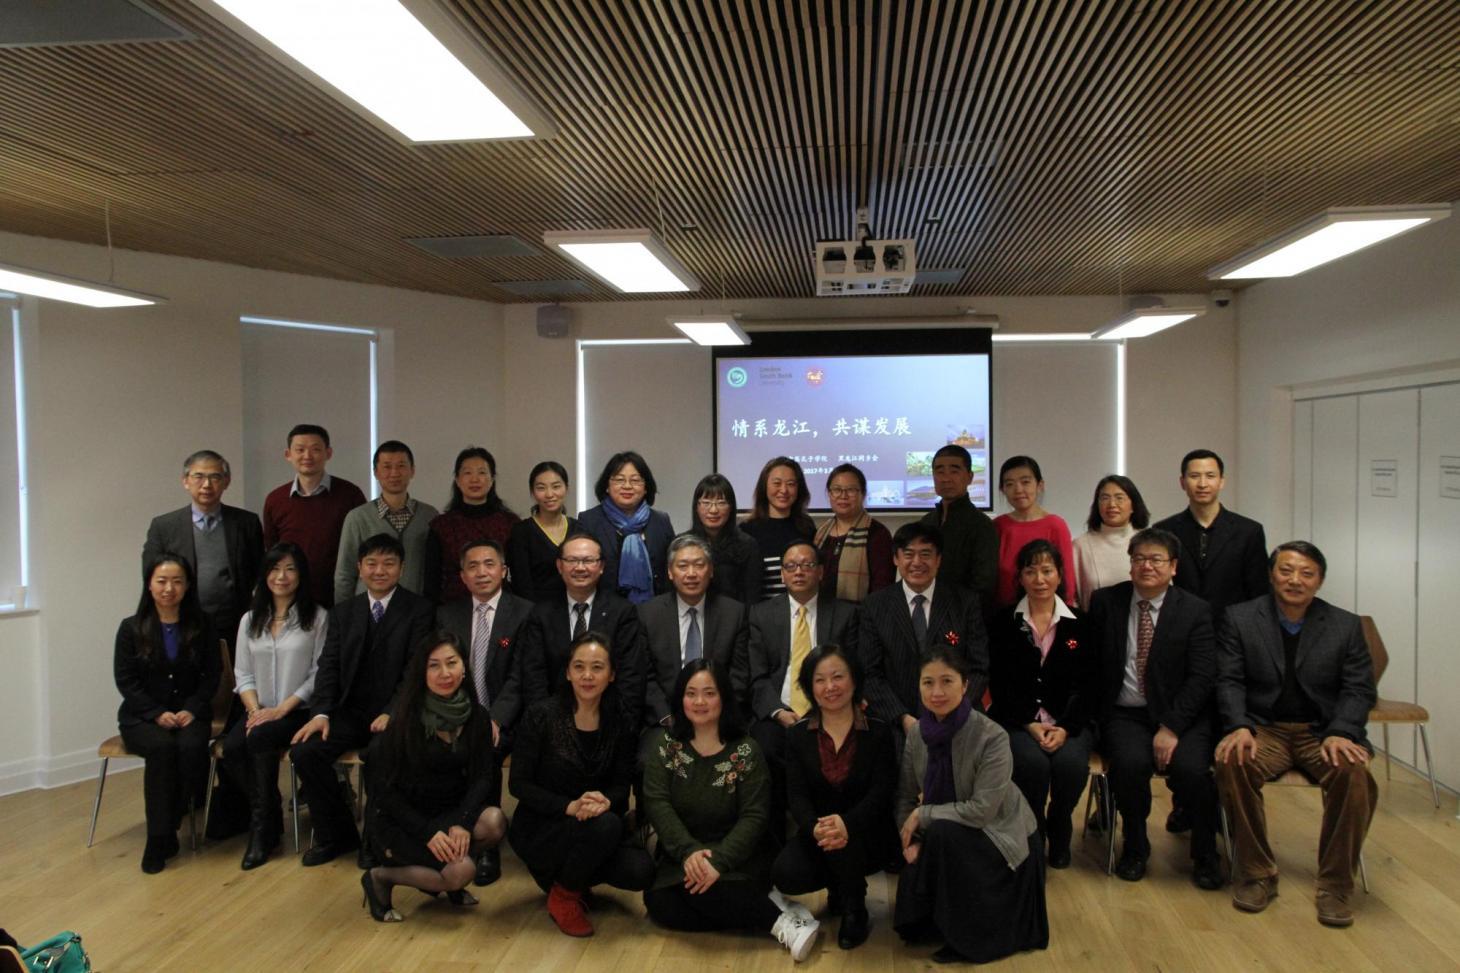 Delegates at Symposium